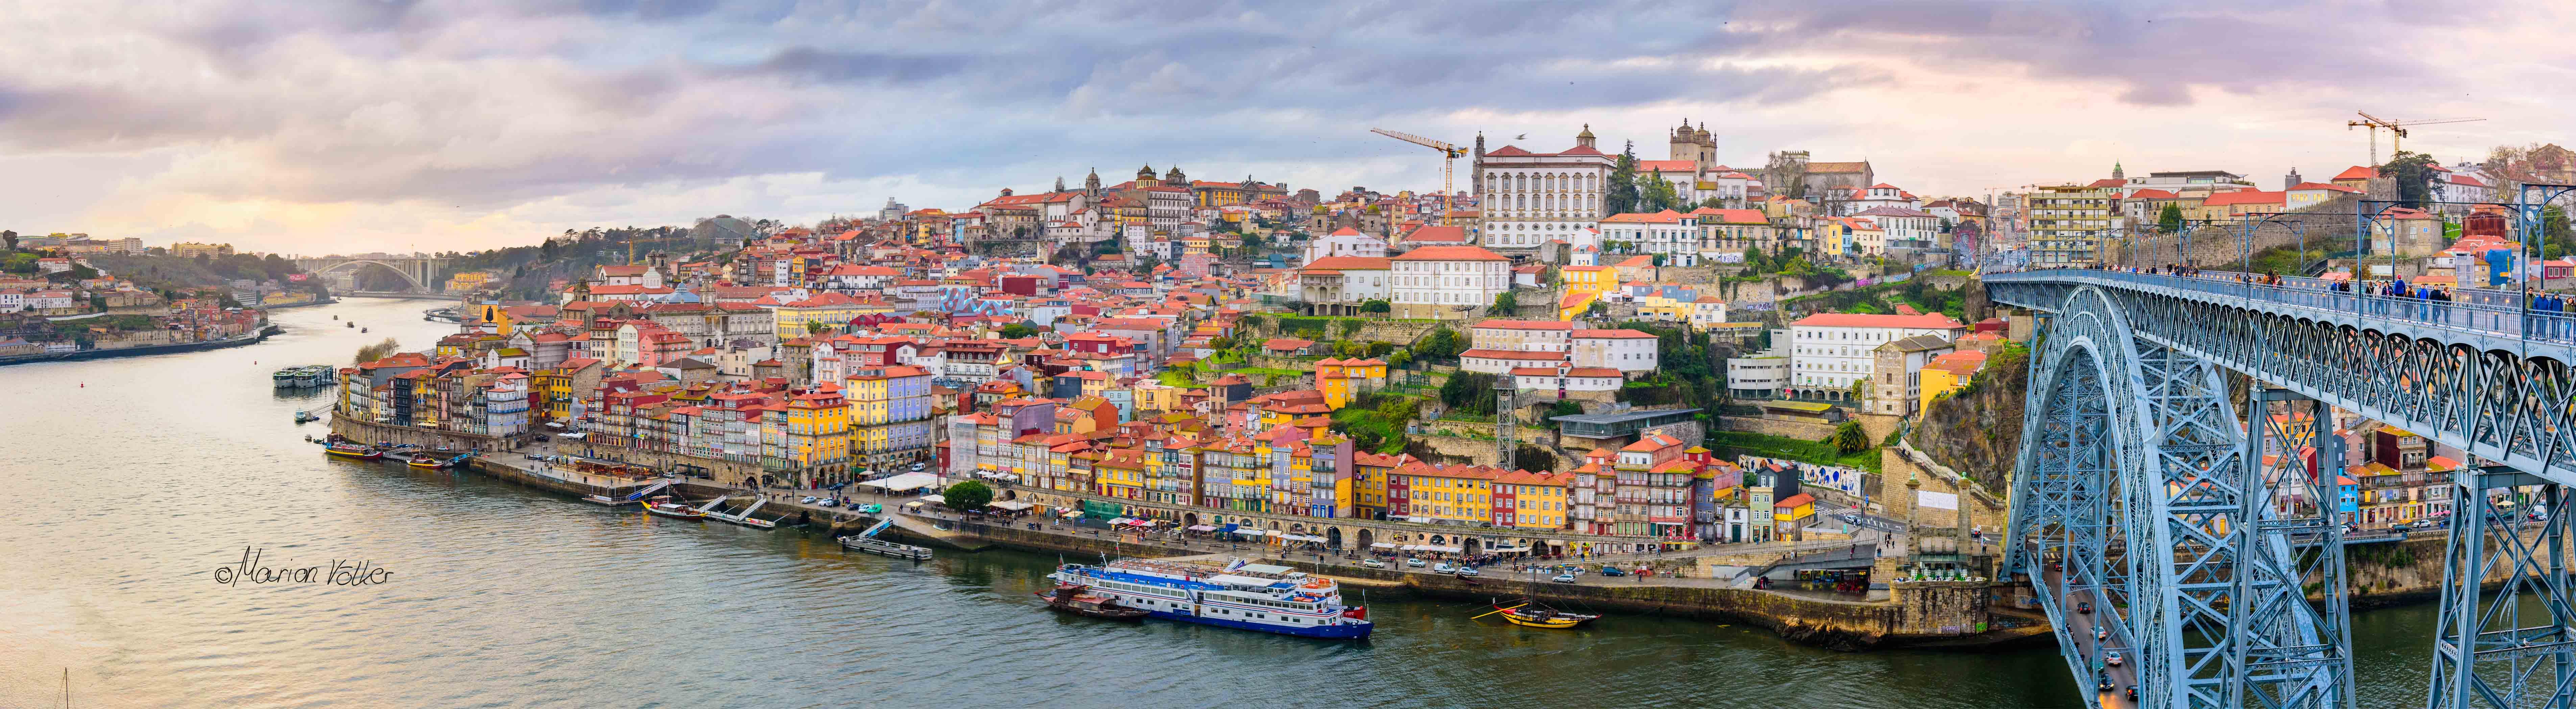 Der Sonnenuntergang in Porto war jeden Tag ein sehenswerter Anblick